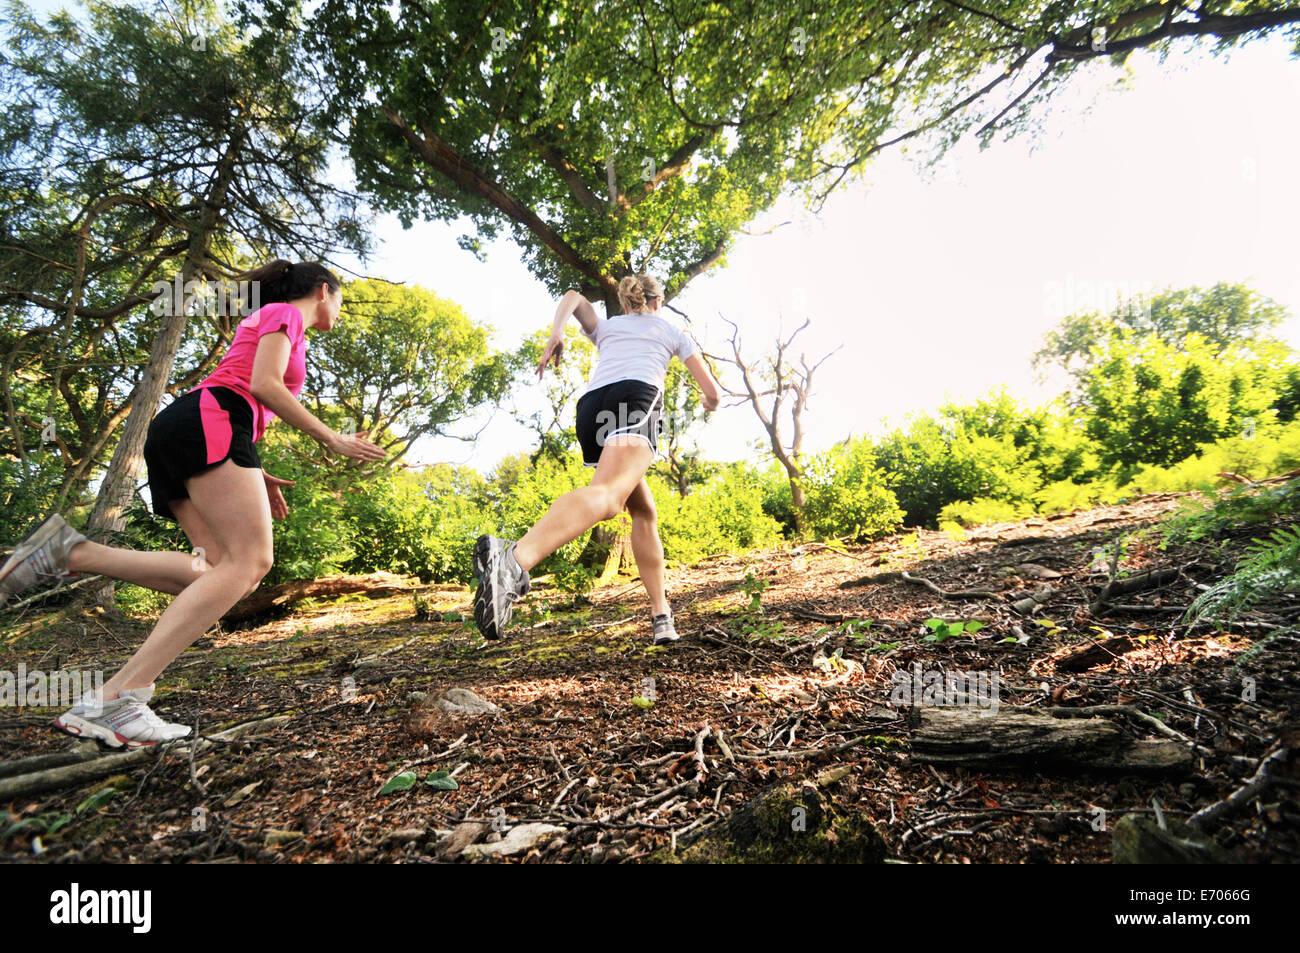 Dos mujeres jóvenes corredores corriendo pista forestal Imagen De Stock